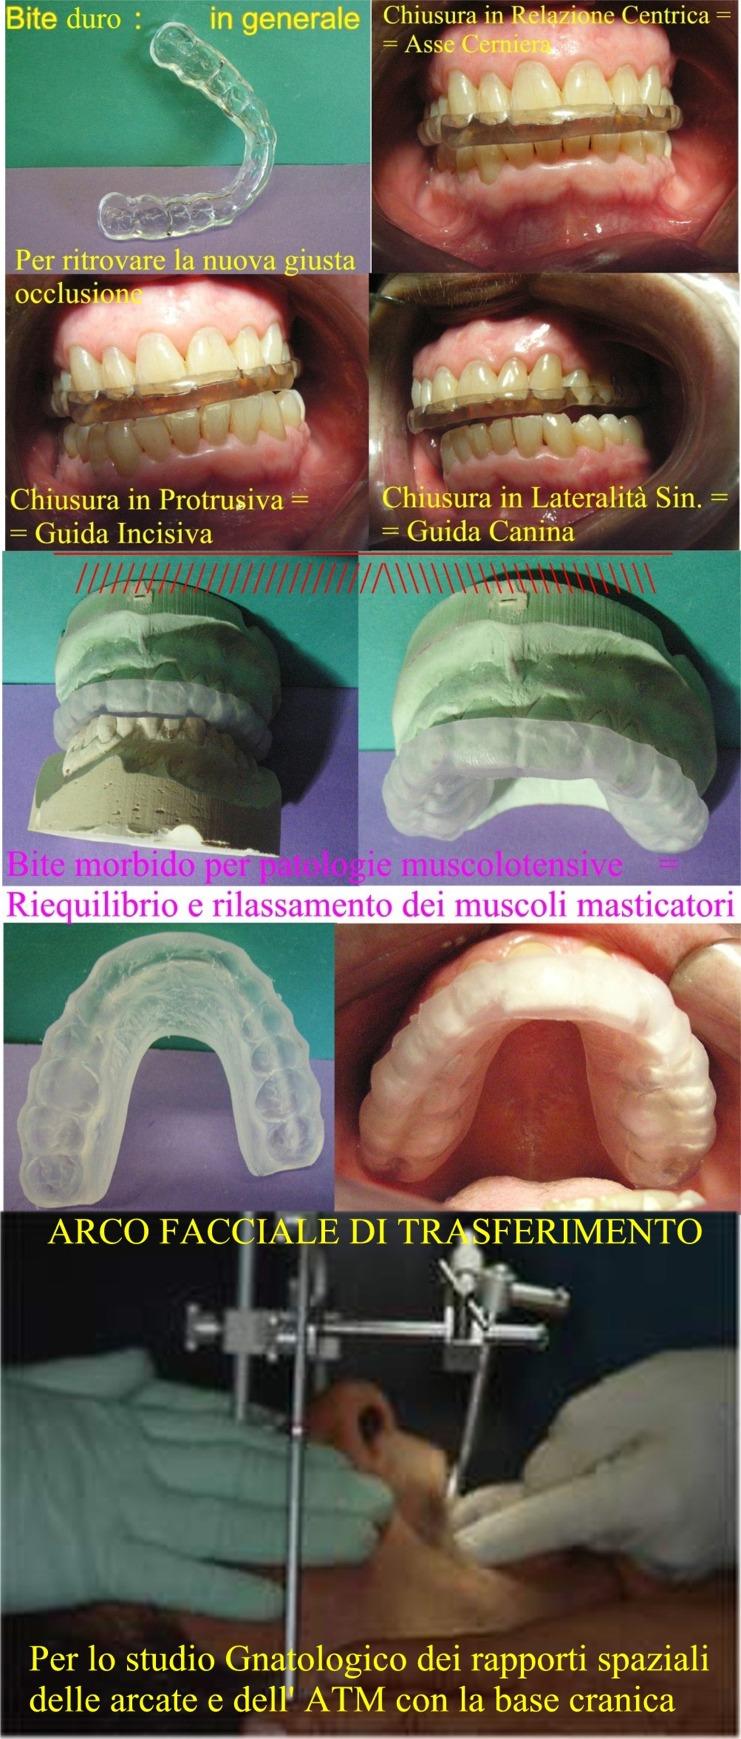 Diversi tipi di Bite ed Arco Facciale di Trasferimento da casistica Gnatologica del Dr. Gustavo Petti di Cagliari